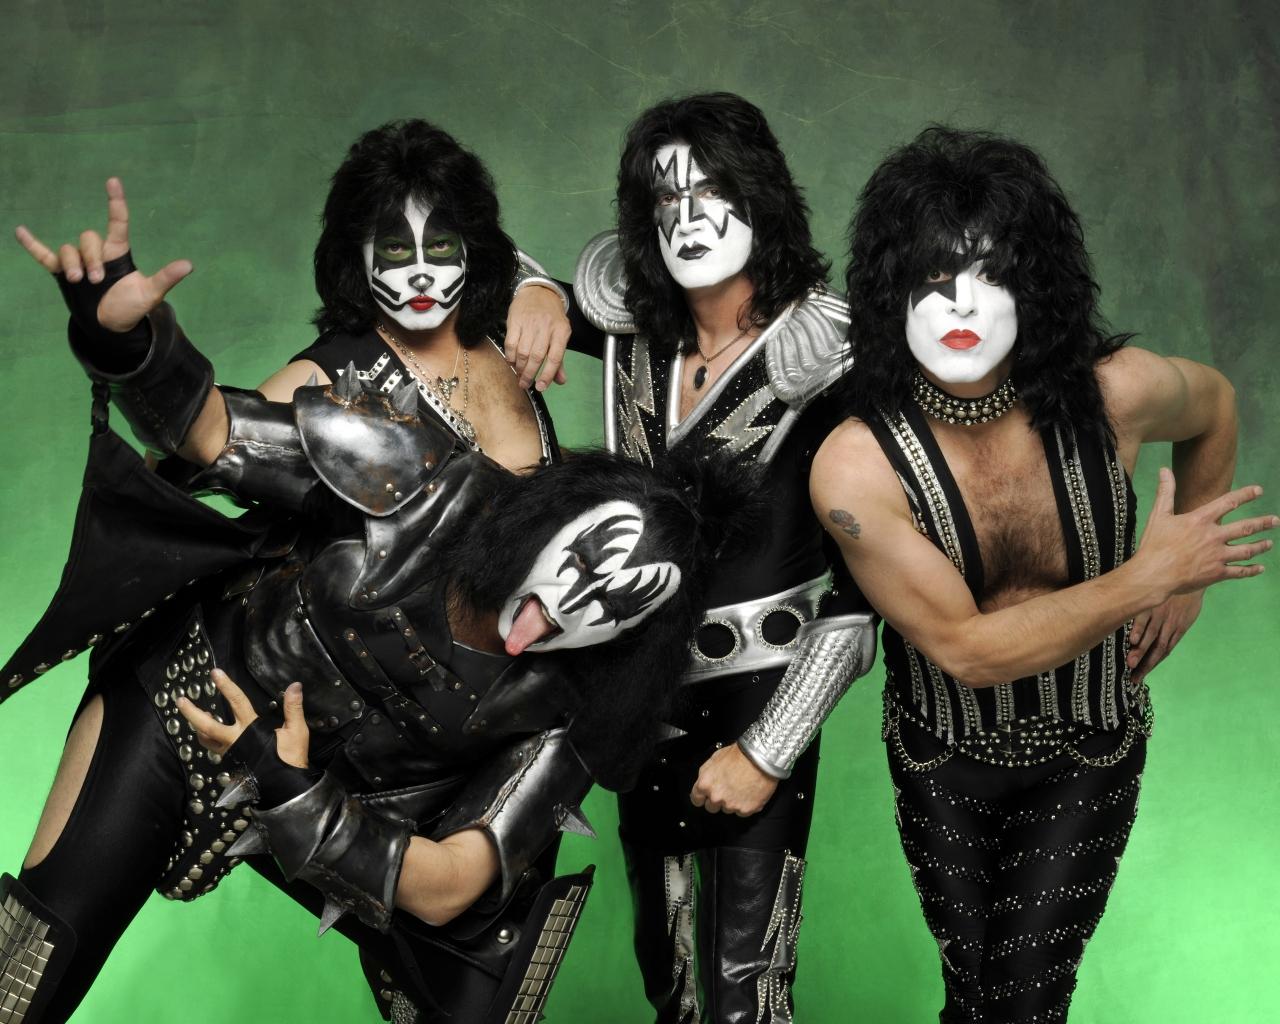 Las caras pintadas de Kiss - 1280x1024